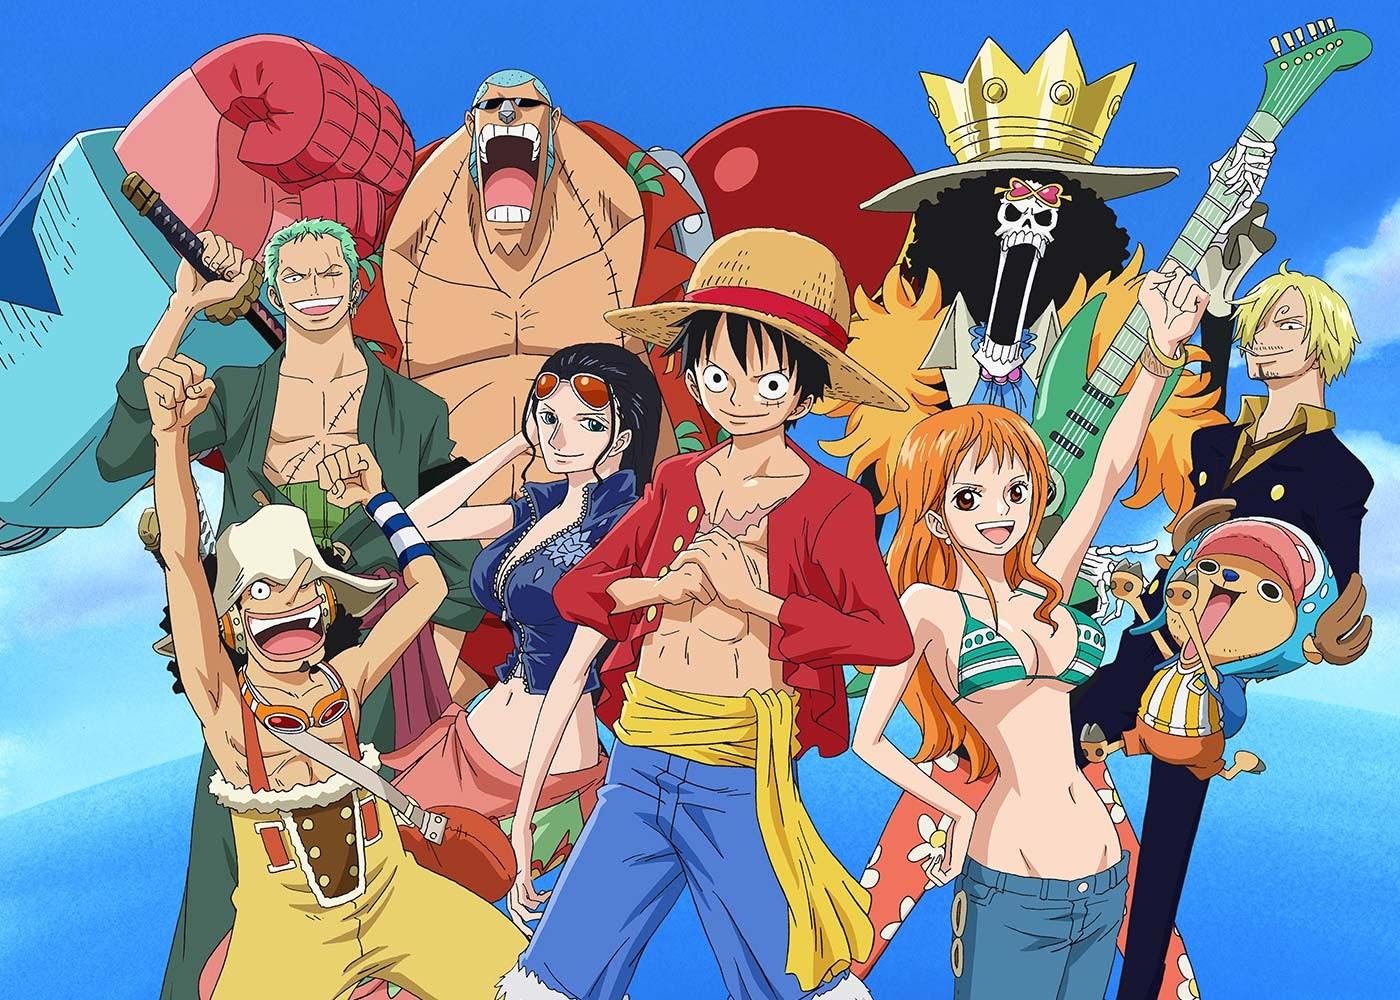 Es-tu vraiment un fan de mangas ou d'animes ?